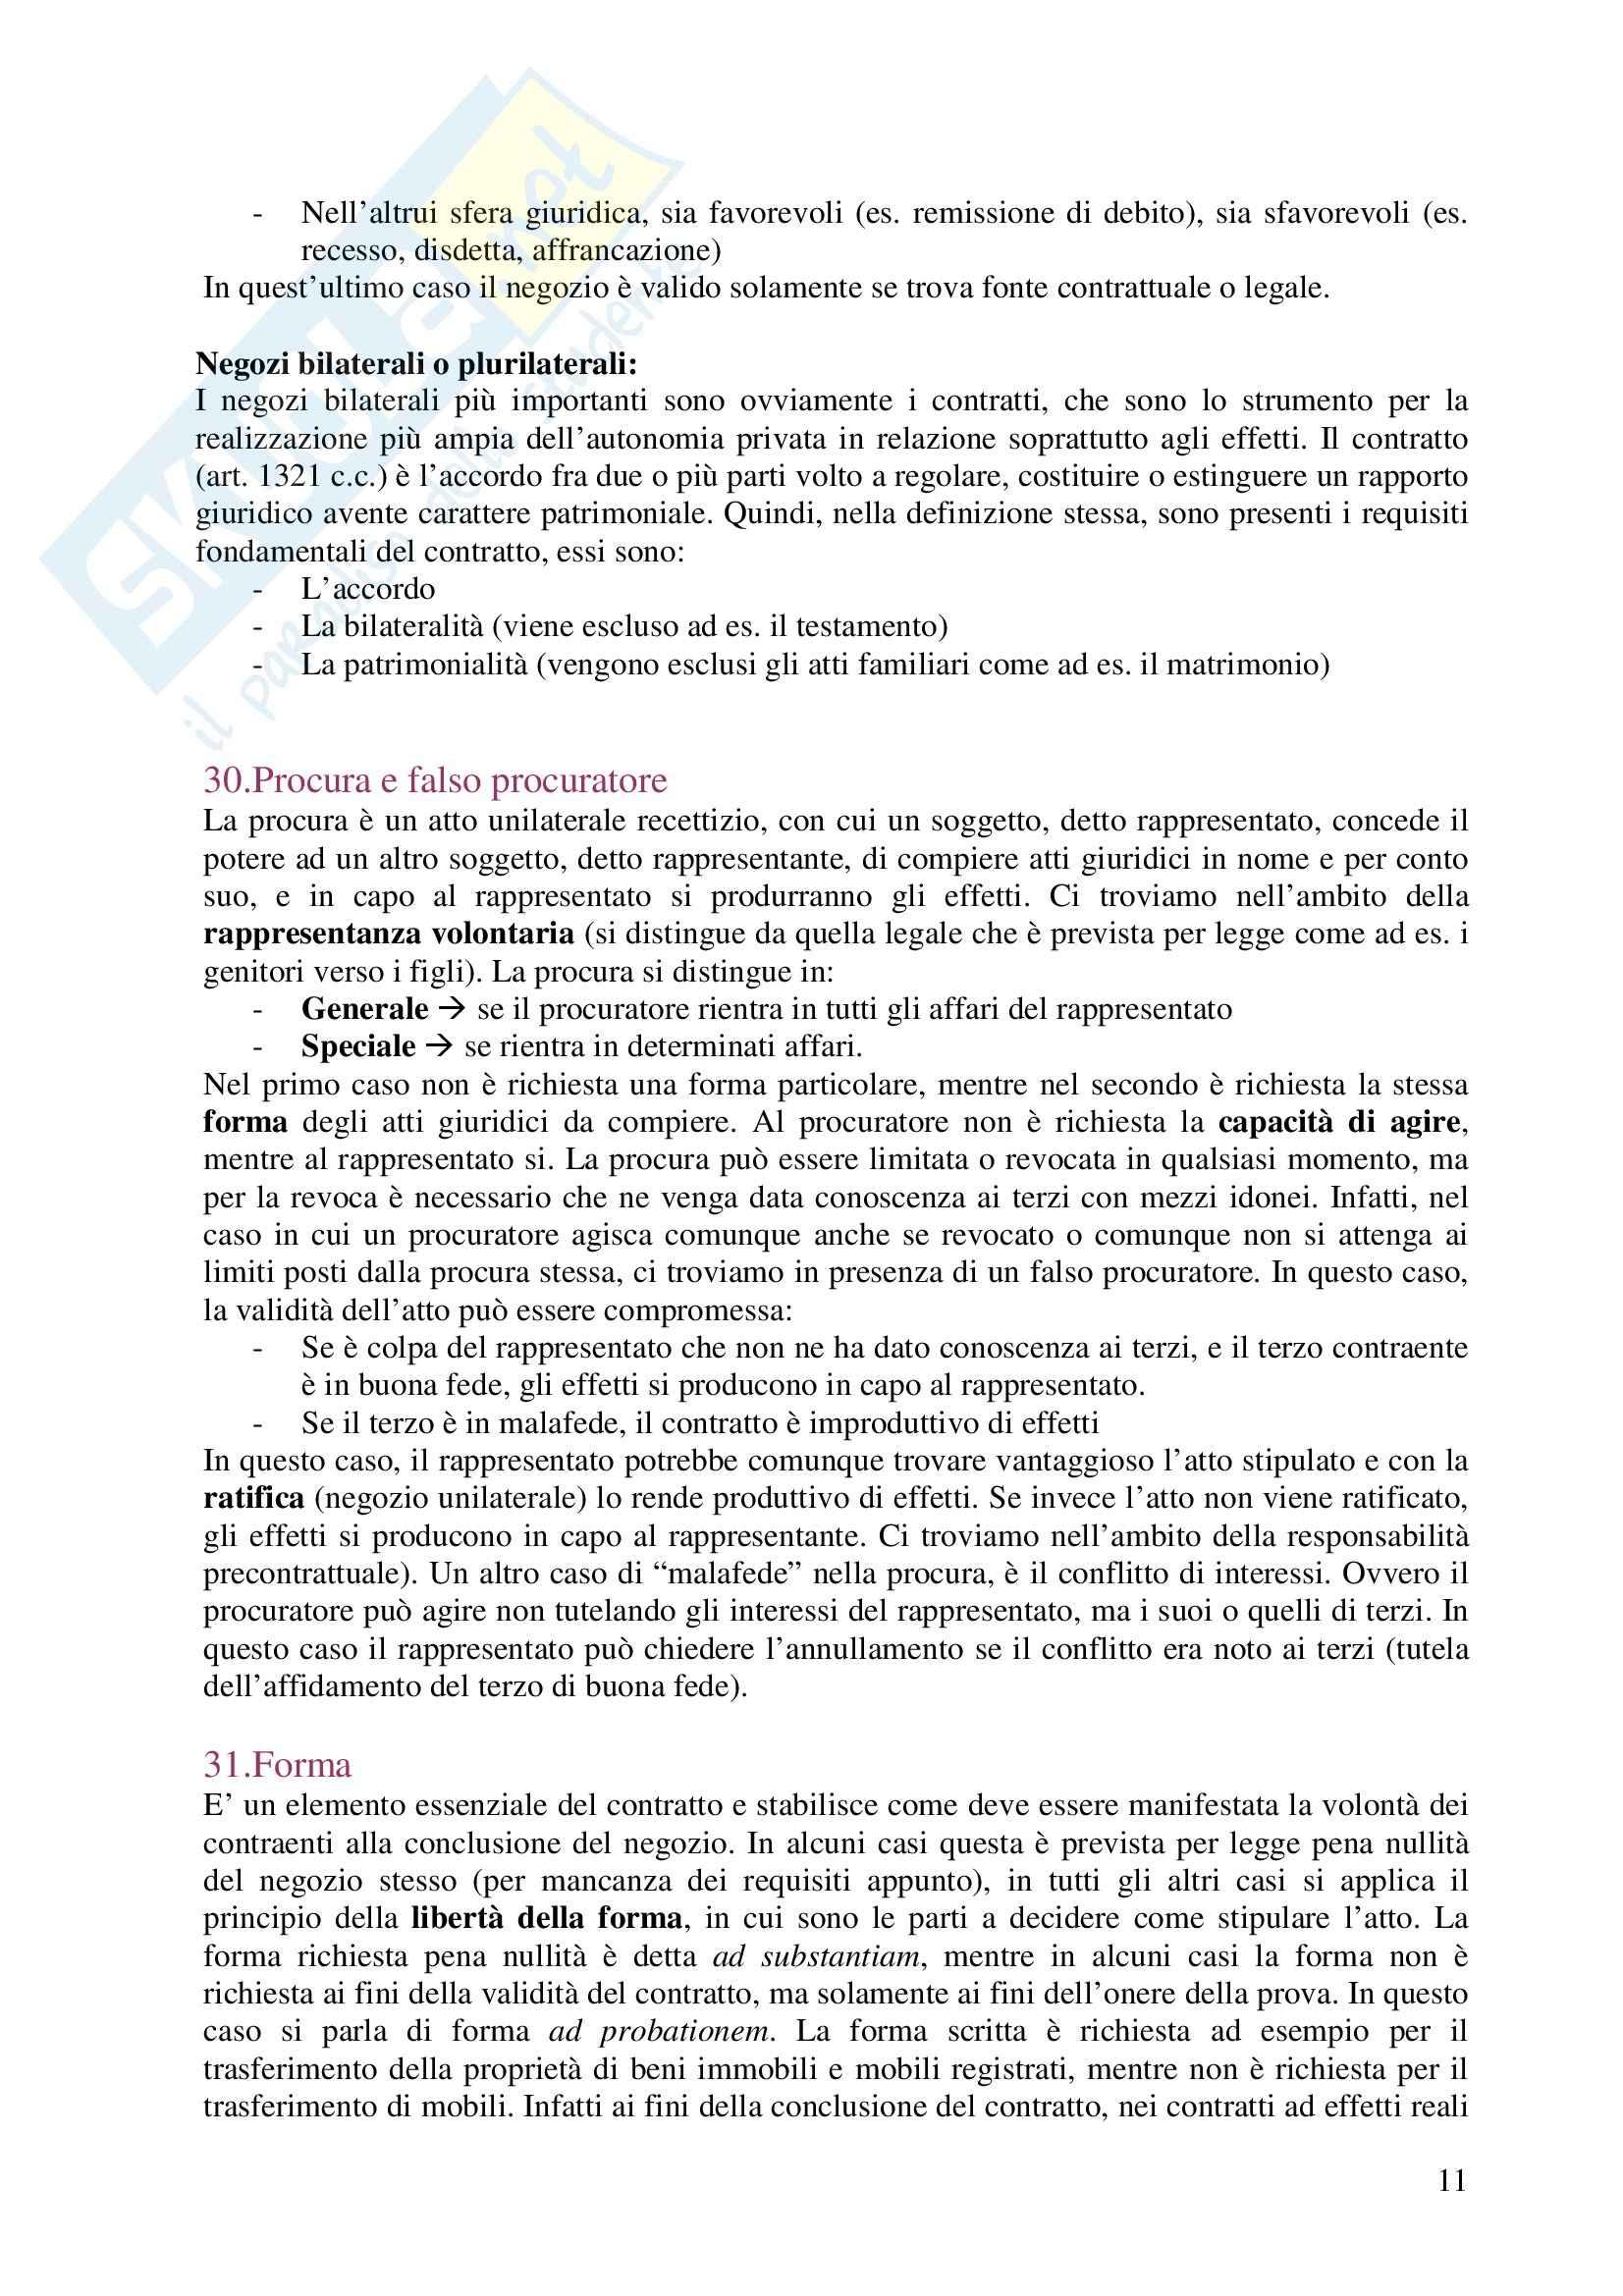 Diritto privato - Domande e risposte Pag. 11